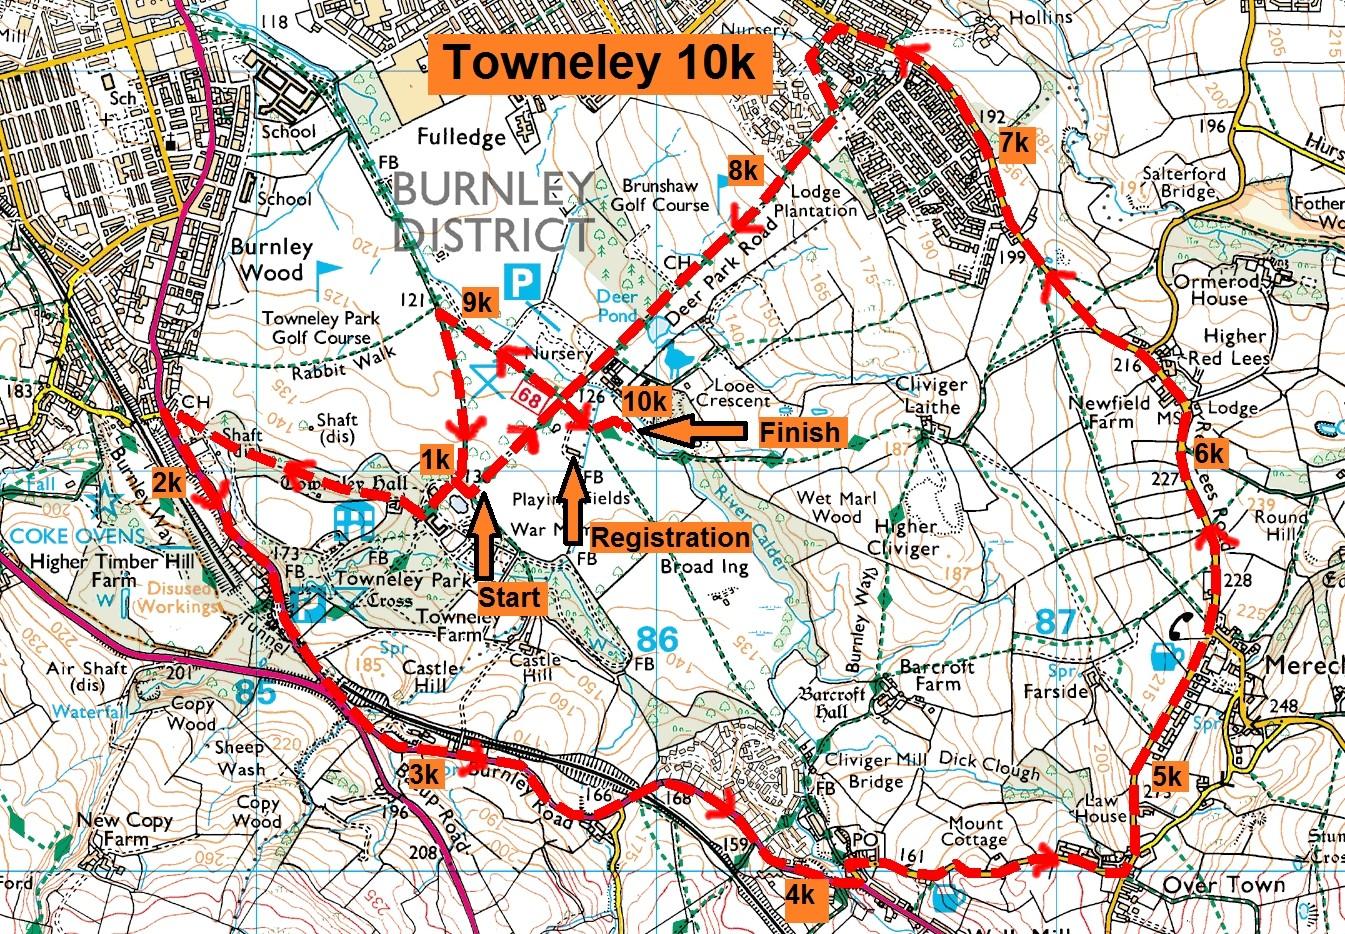 Towneley 10k